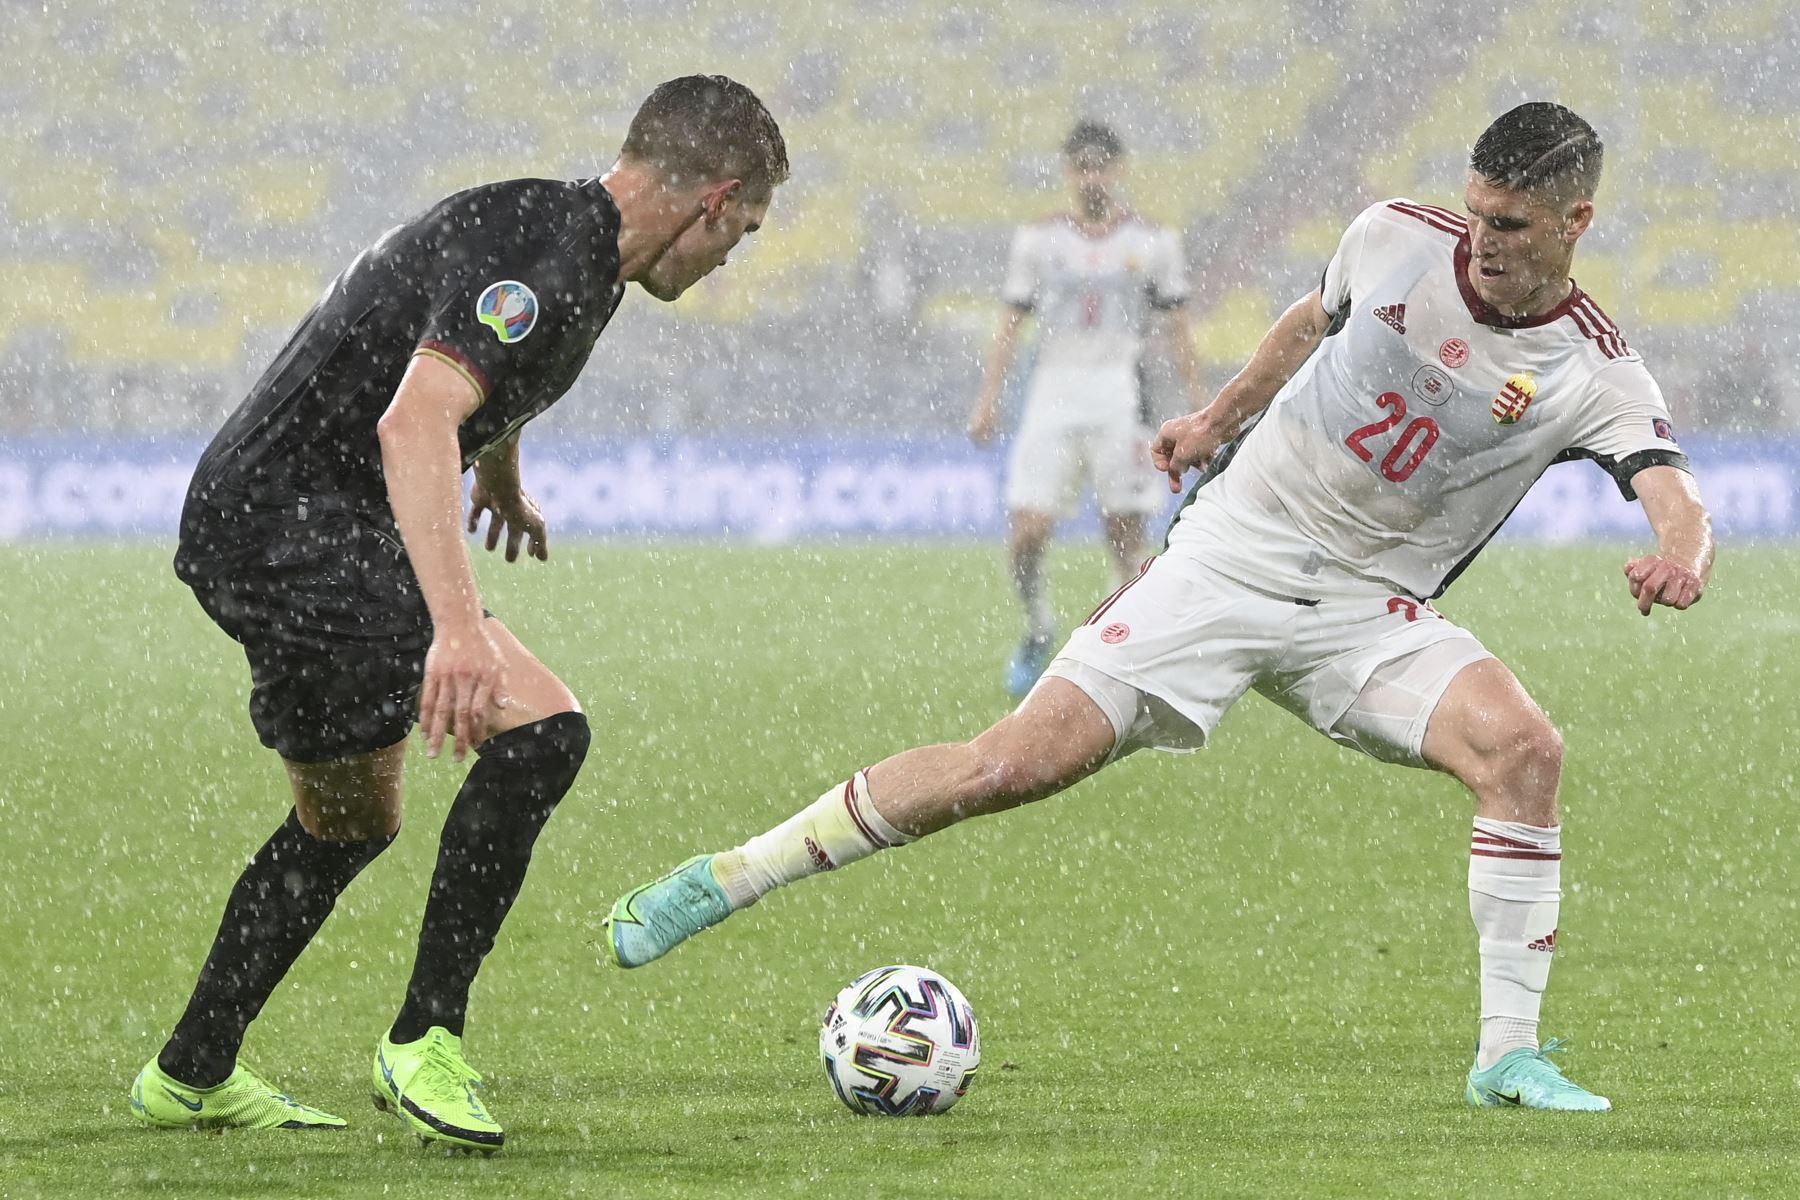 El defensor alemán Matthias Ginter y el delantero húngaro Roland Sallai compiten por el balón durante el partido por del Grupo F de la UEFA EURO 2020. Foto: AFP